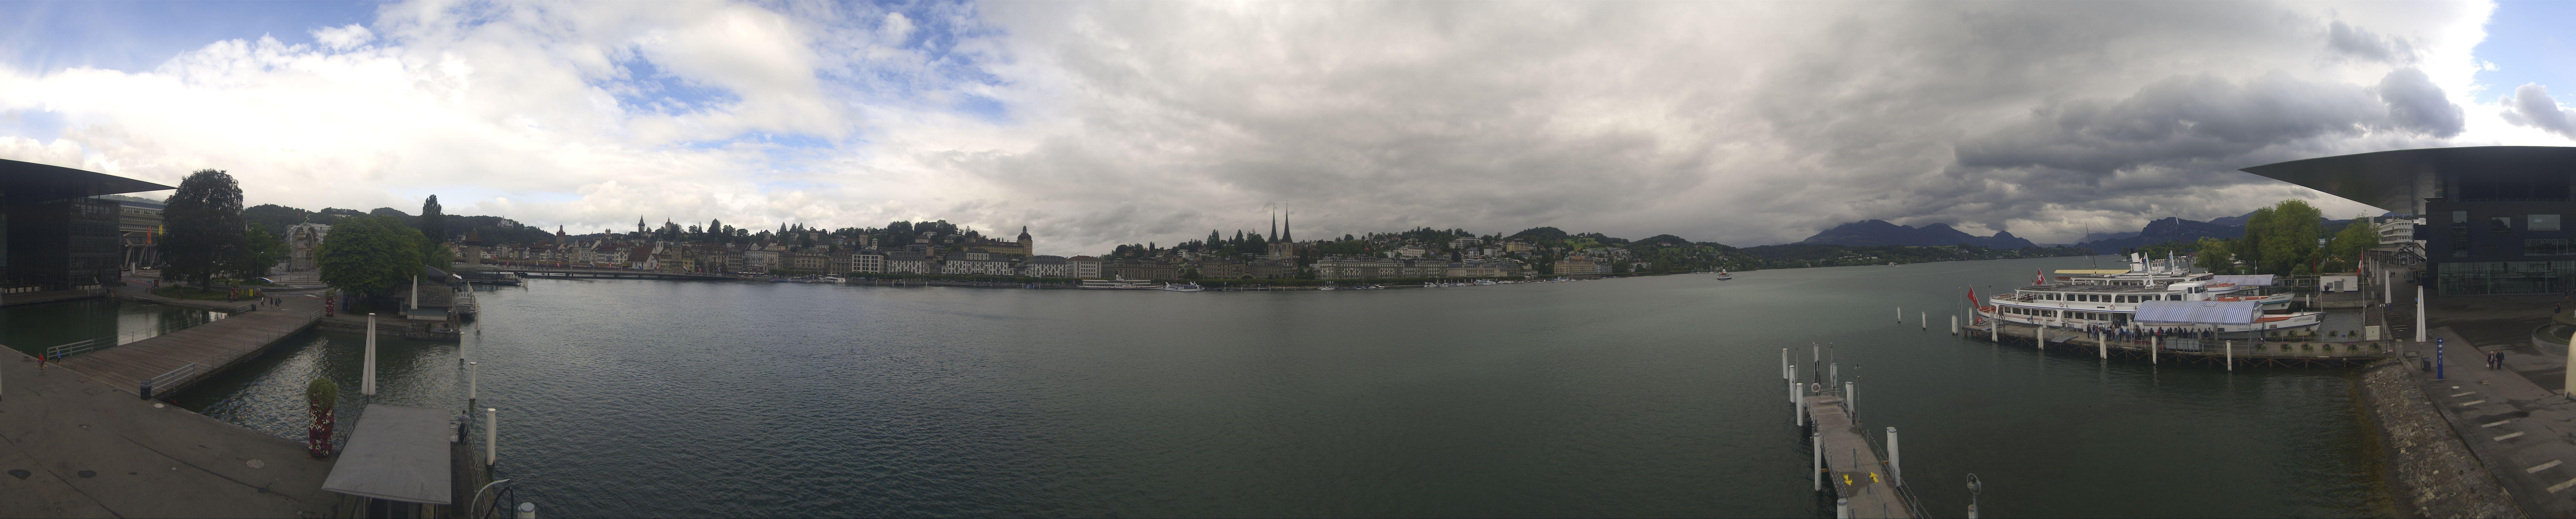 Luzern: Vierwaldstättersee